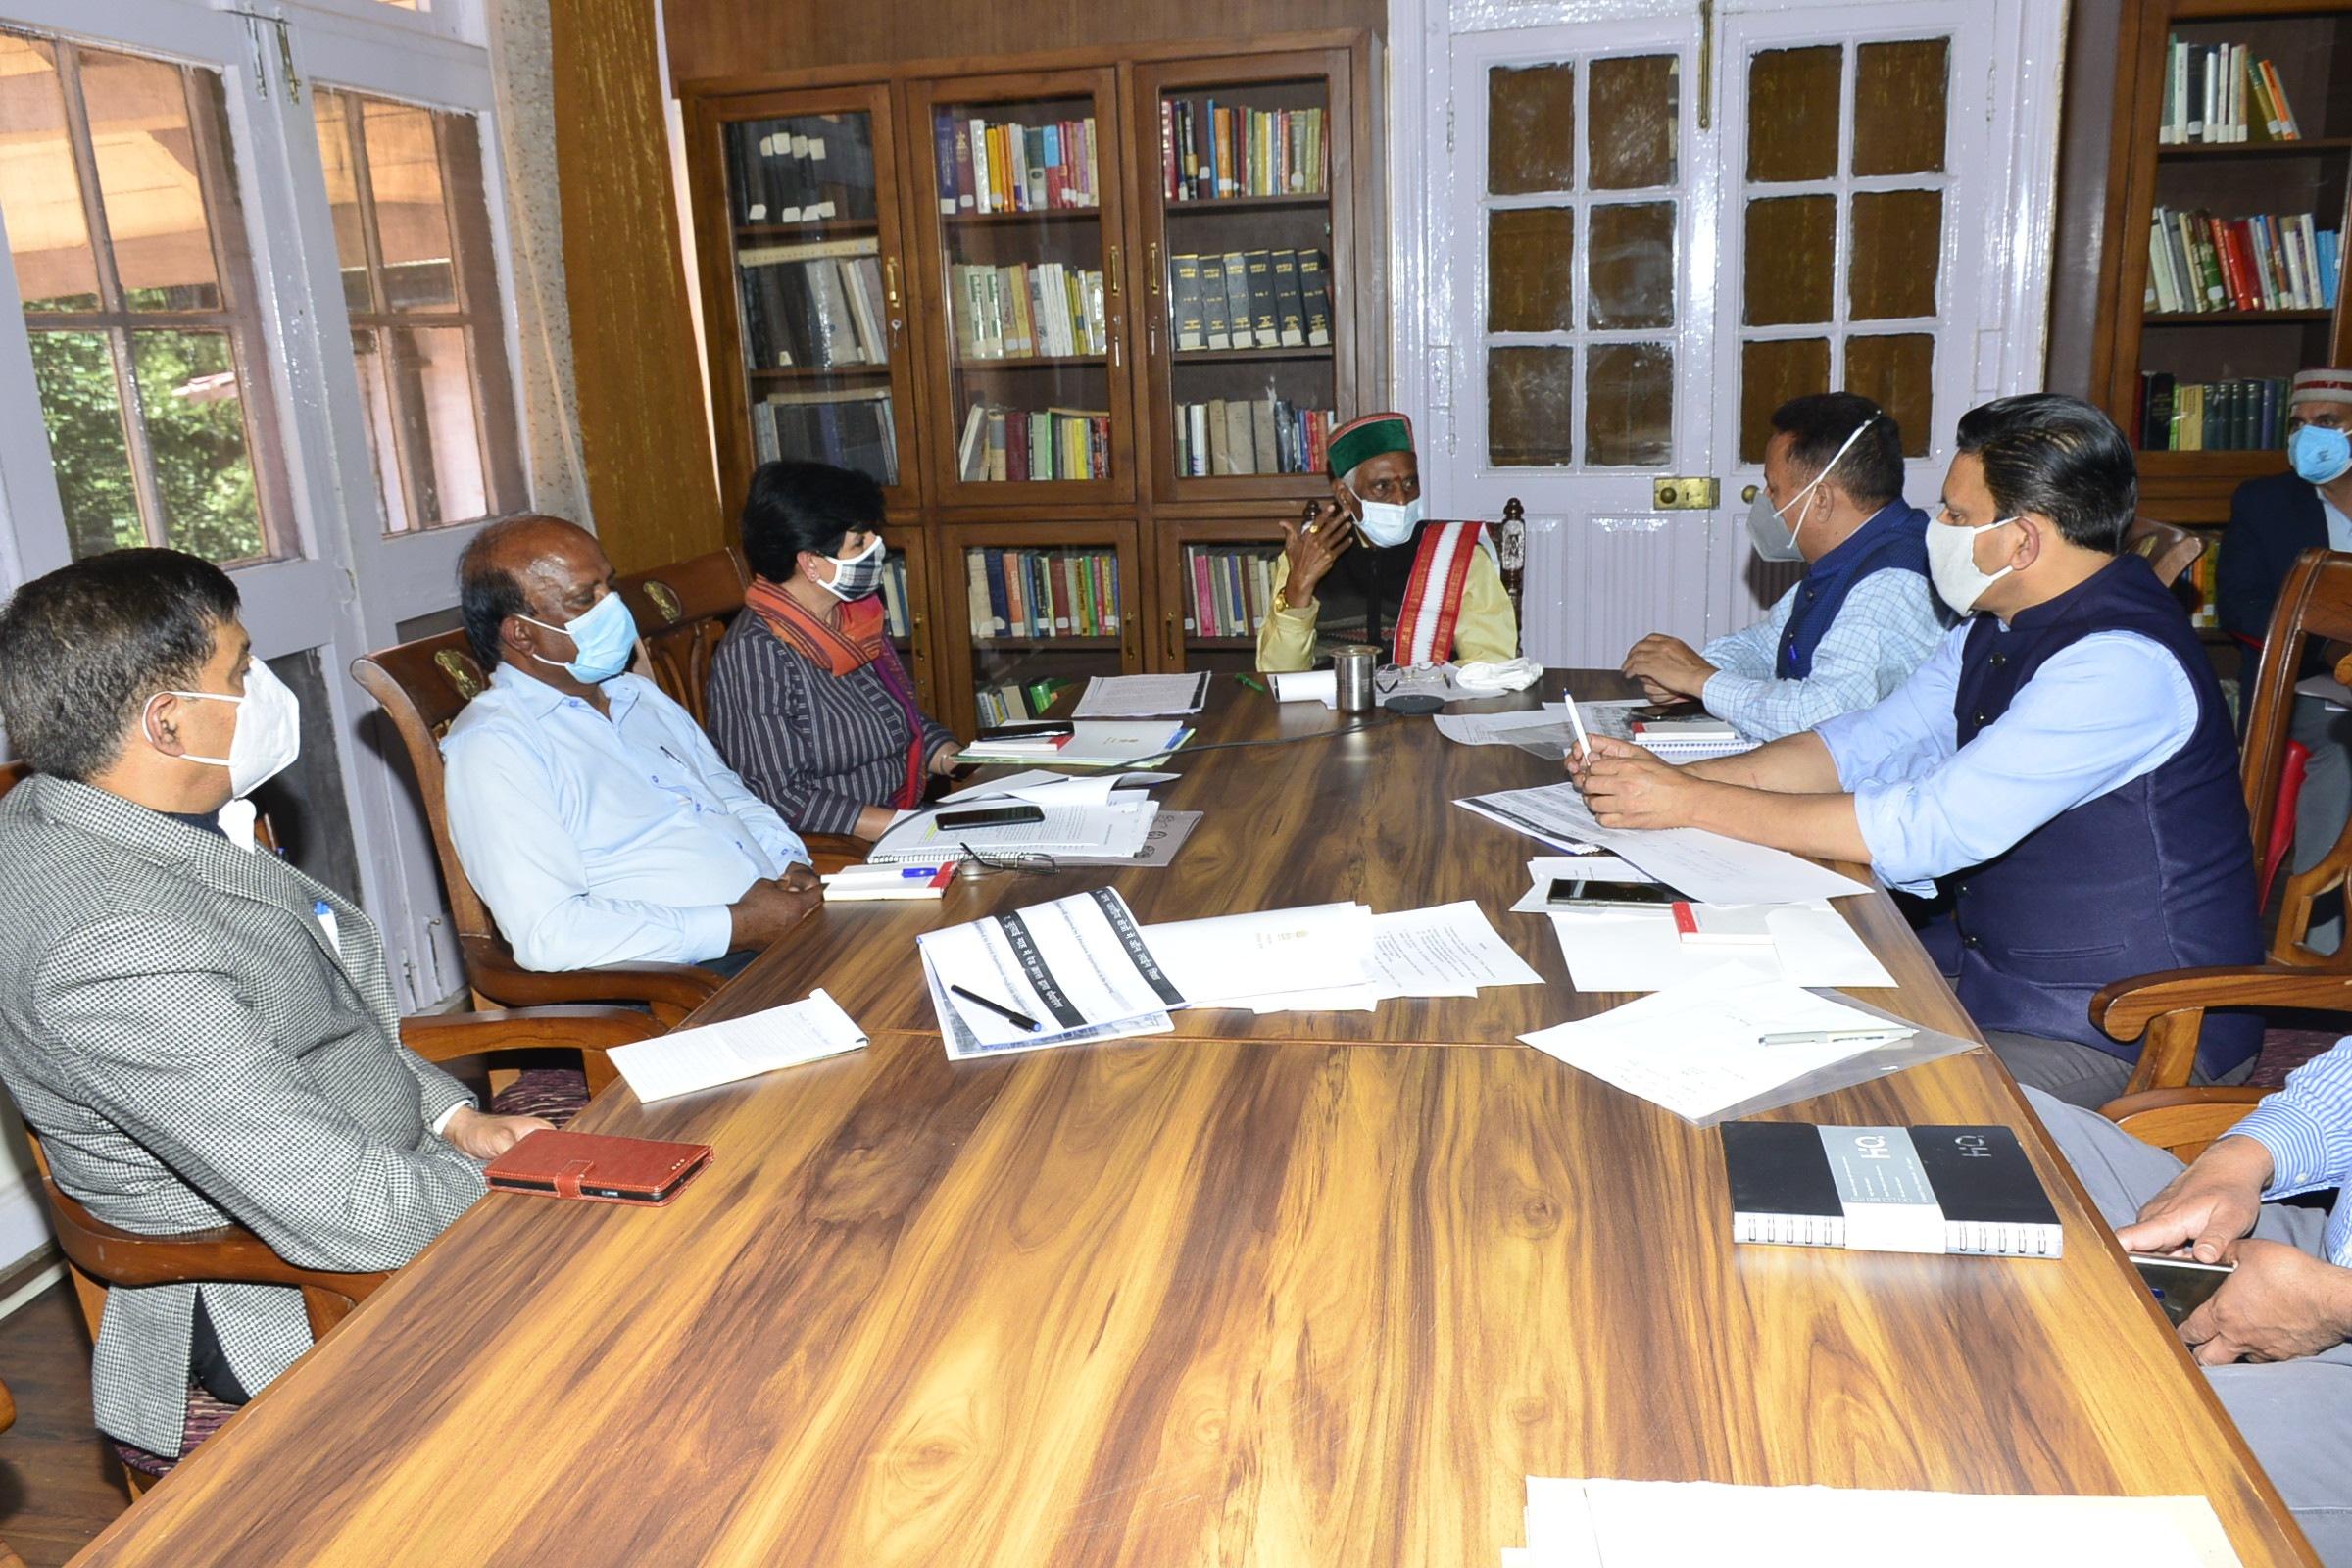 राज्यपाल बंडारू दत्तात्रेय ने जनजातीय क्षेत्रों में बेहतर शिक्षा एवं स्वास्थ्य सुविधाओं पर बल दिया